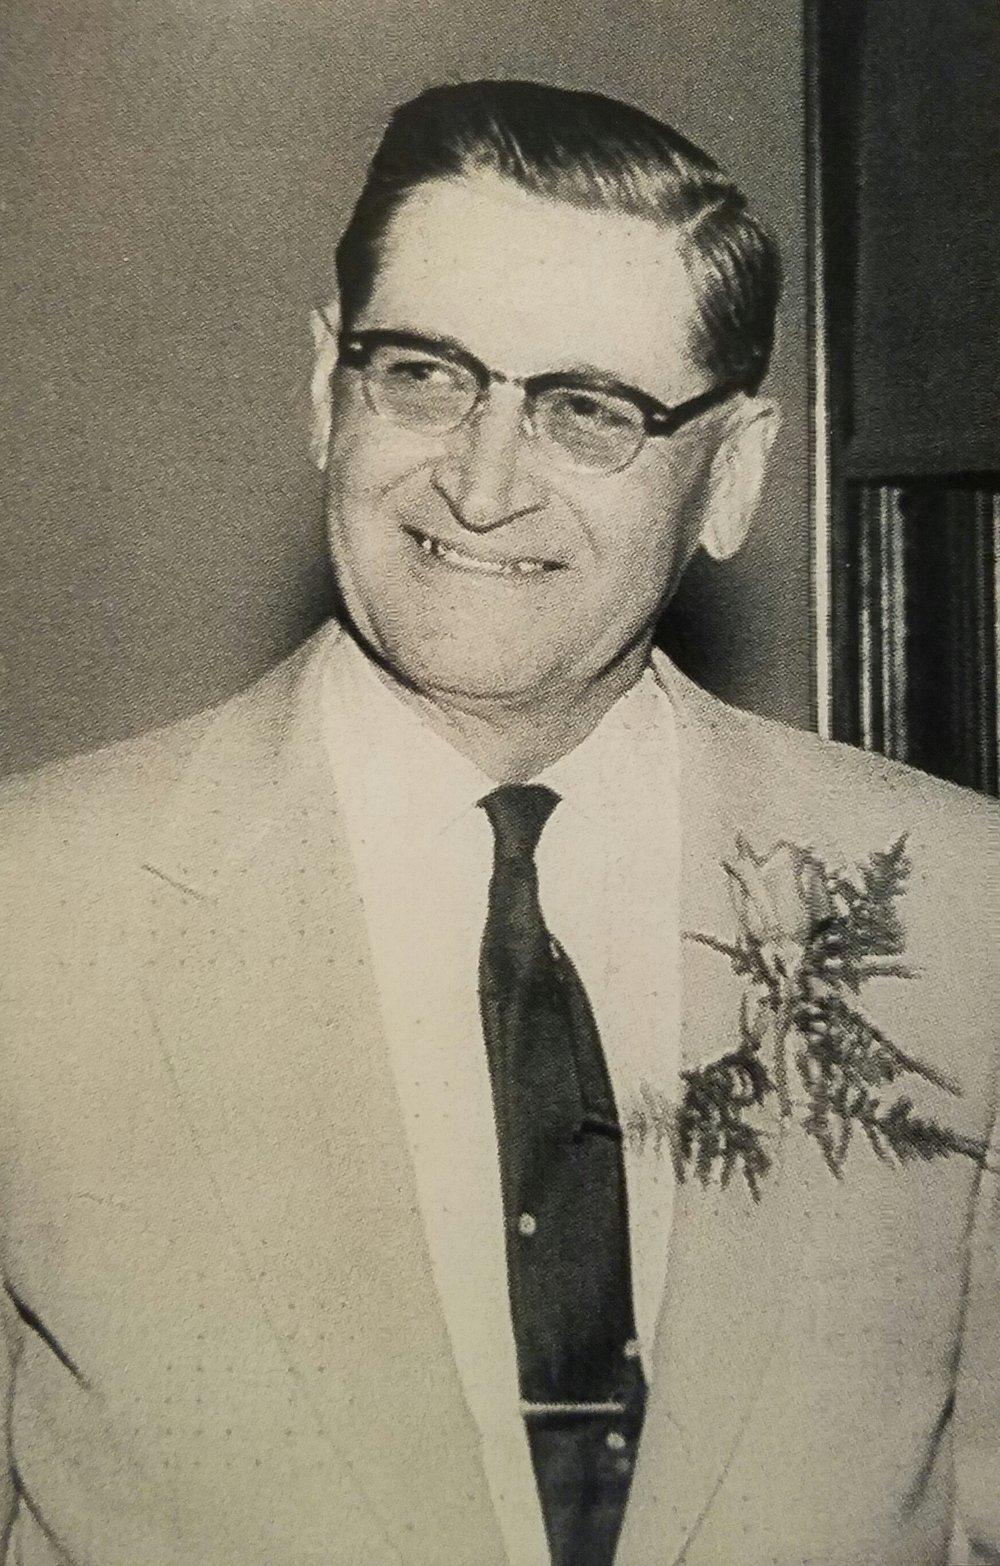 1959 - Carl Fischer